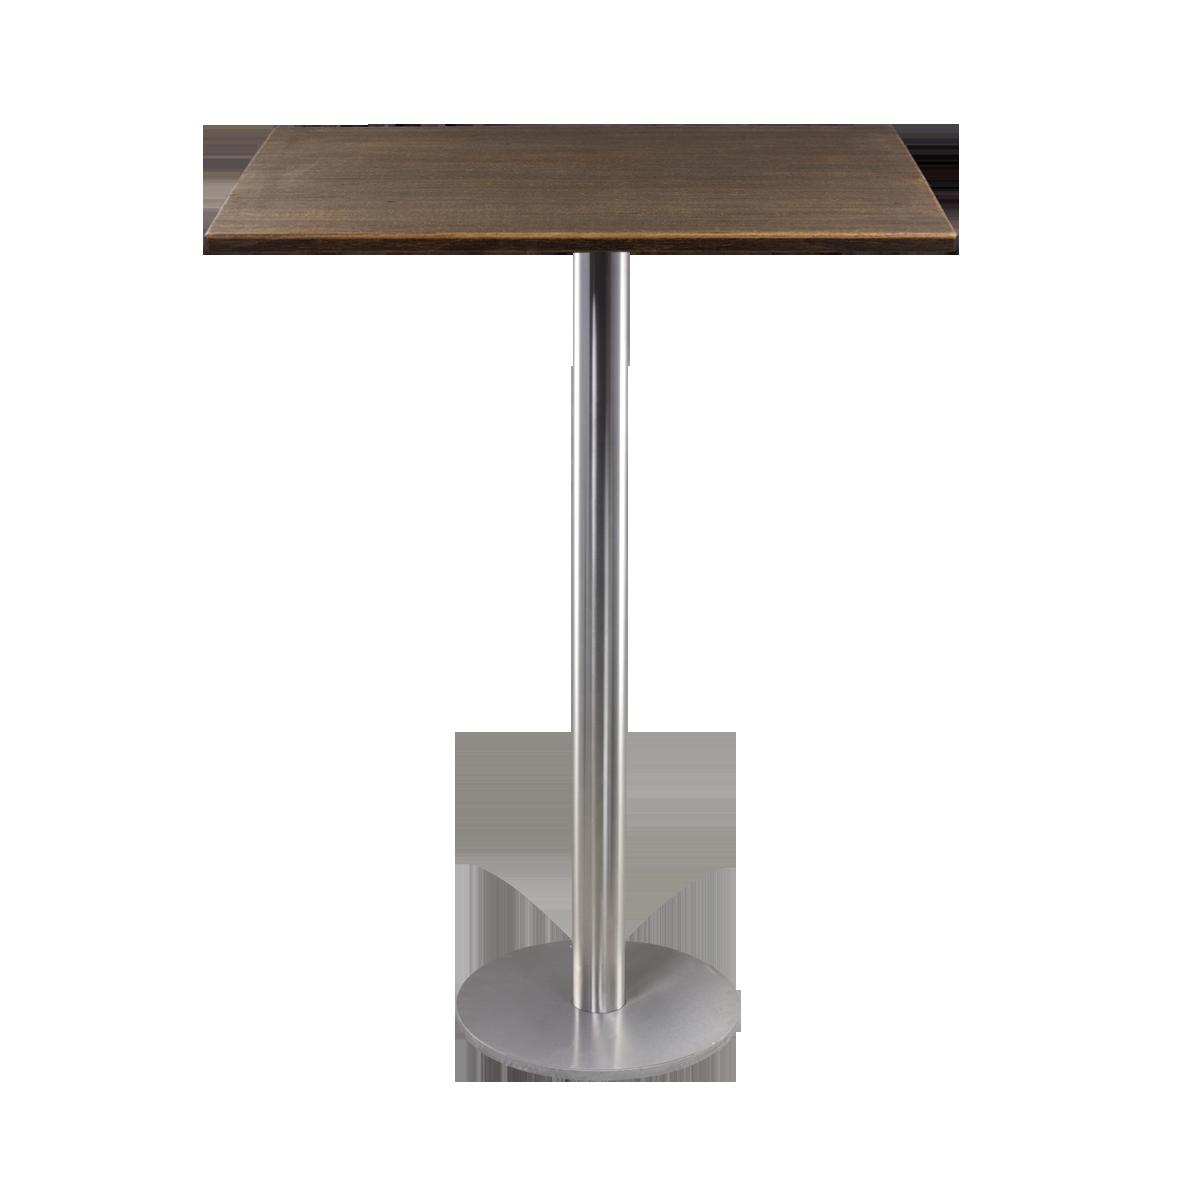 dieeventausstatter Stehtisch Modern Platte Altholz eckig